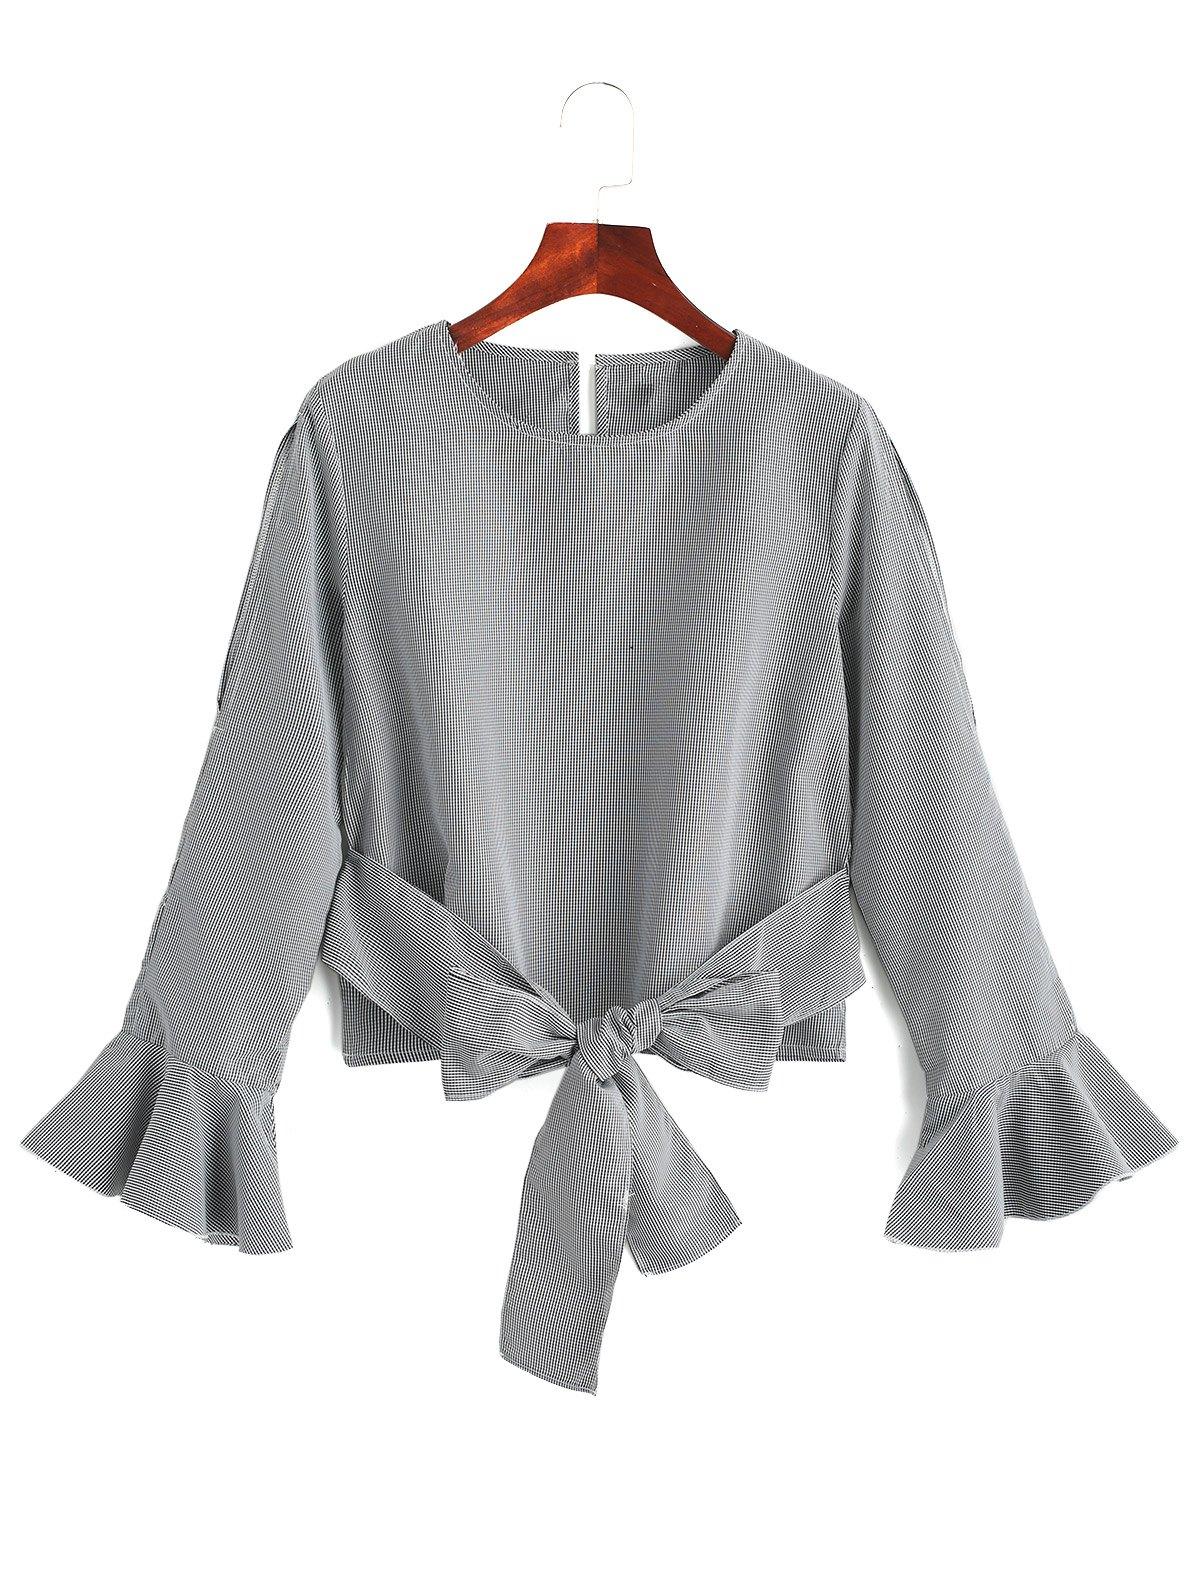 Bell Sleeve Cuff Zurck gebunden gestreifte Bluse